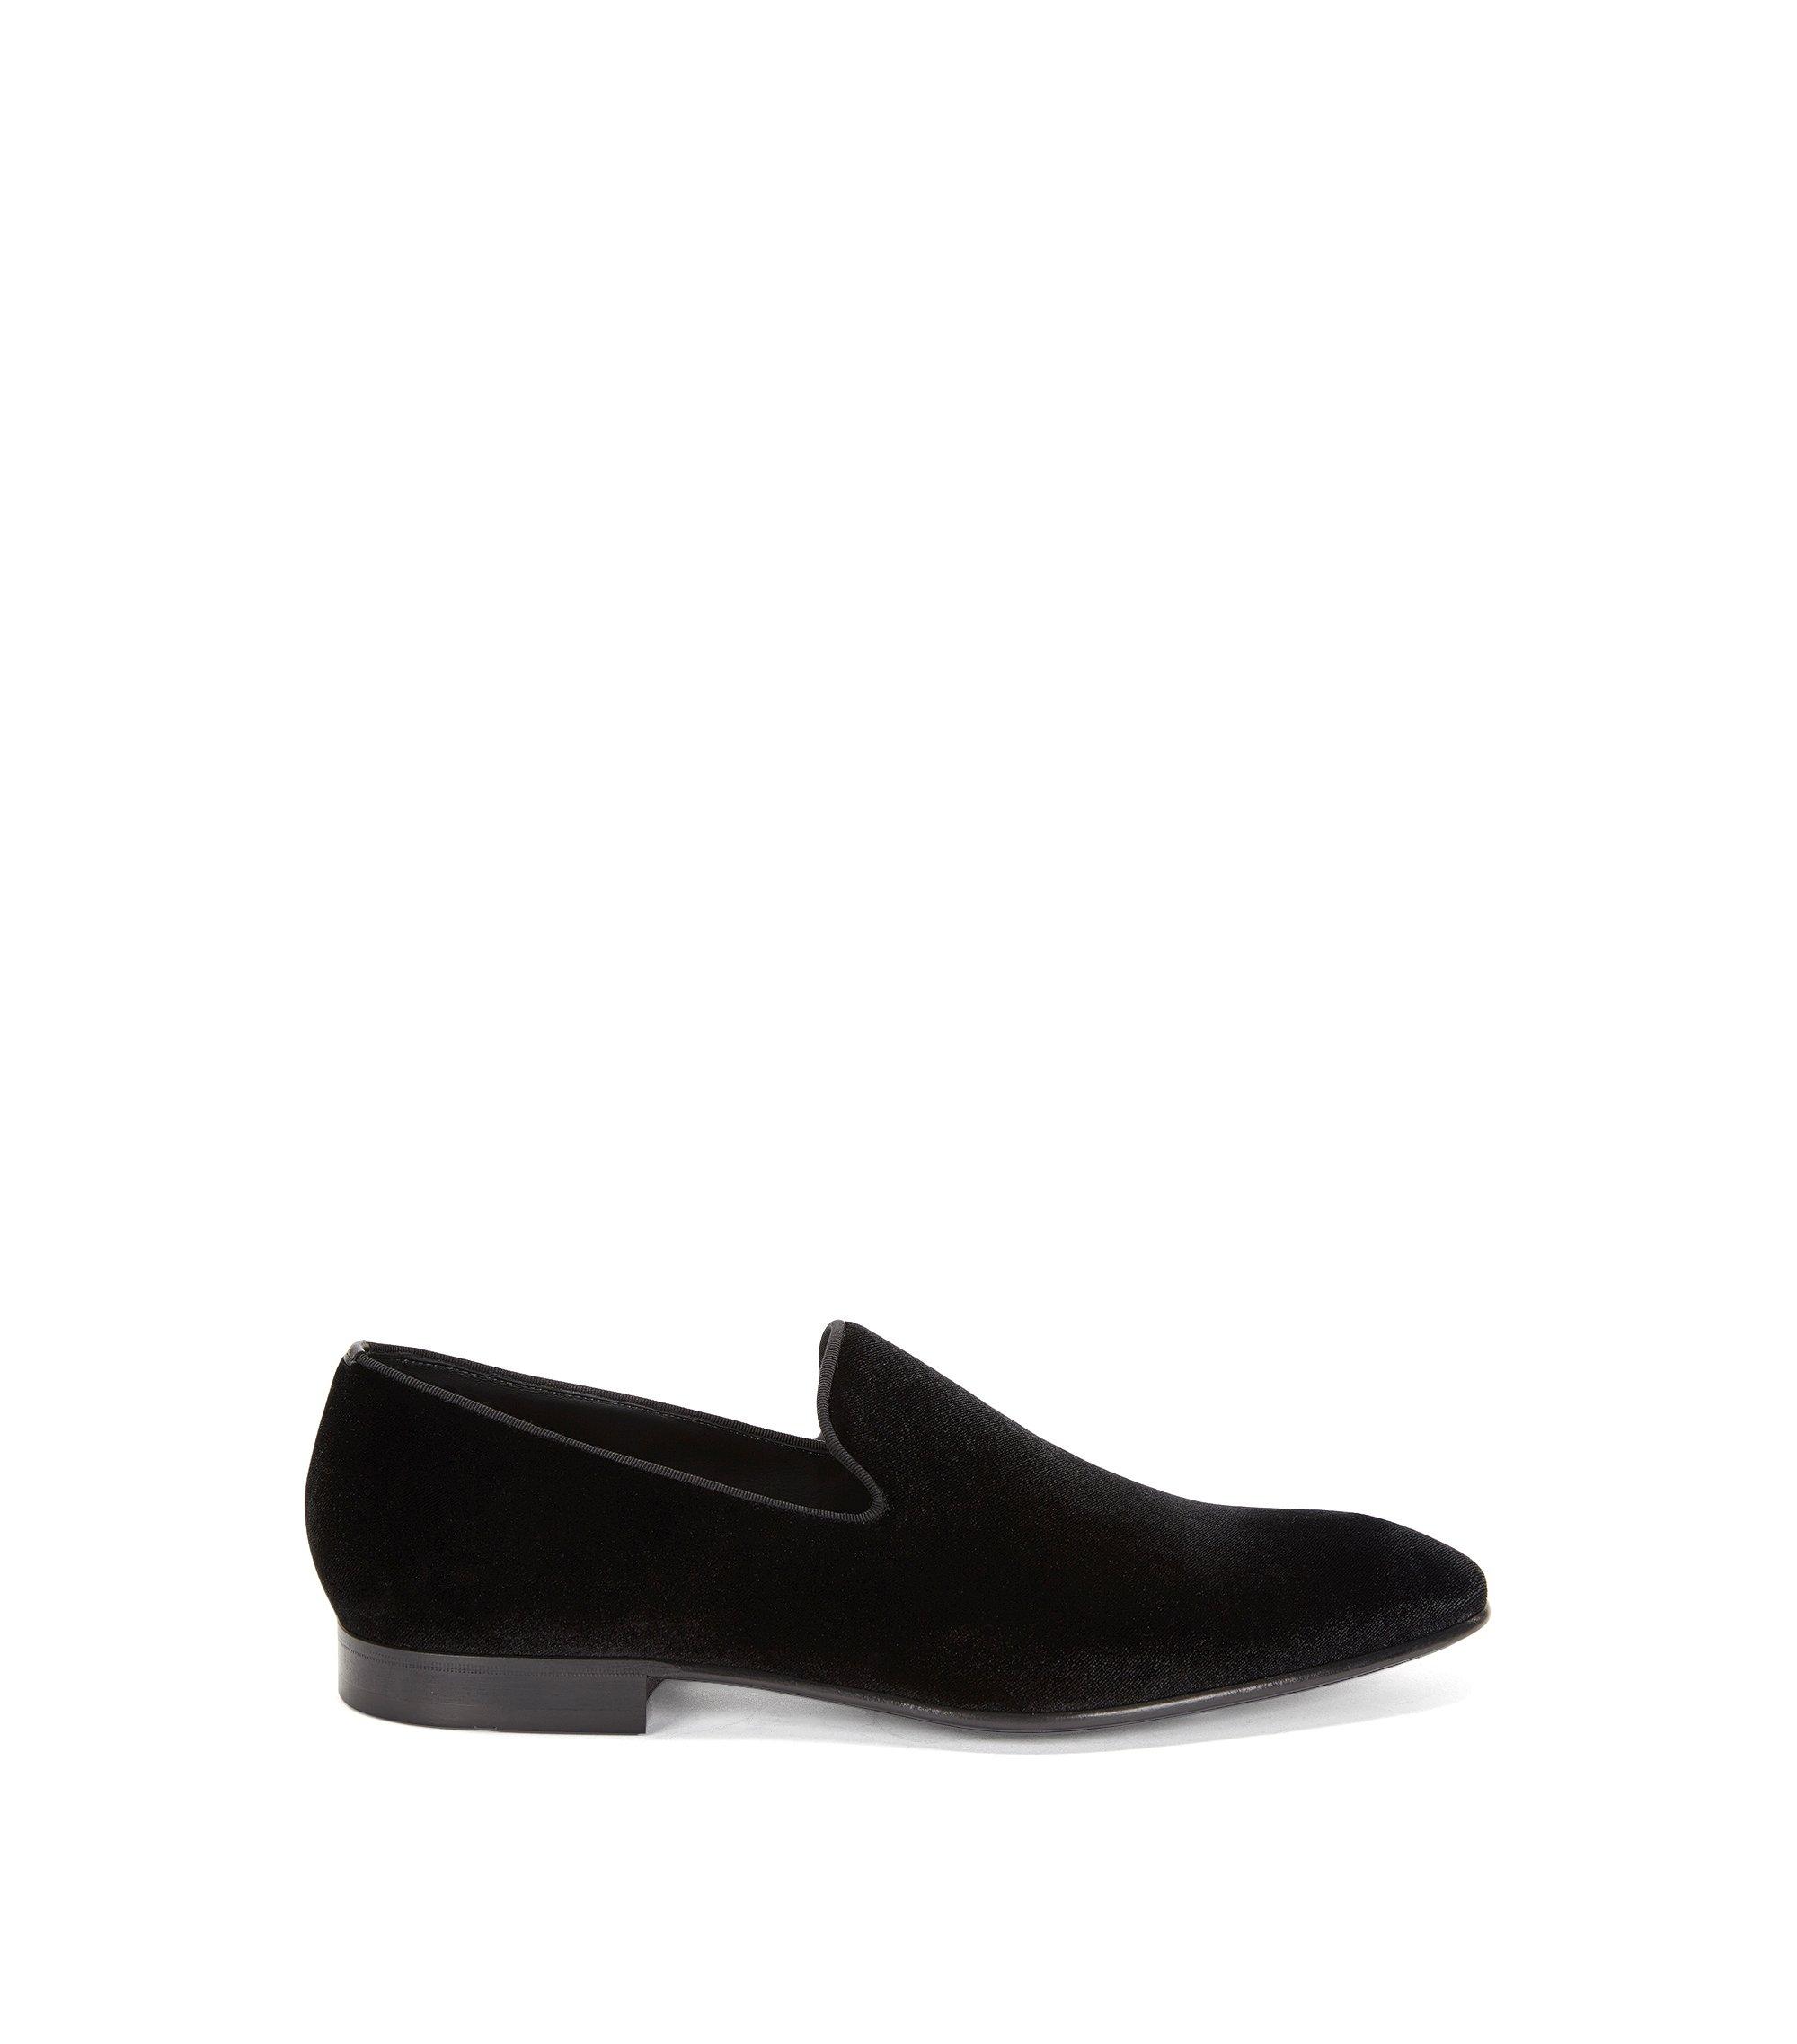 Cotton Blend Velvet Dress Loafer   Evening Loaf Vlt, Black